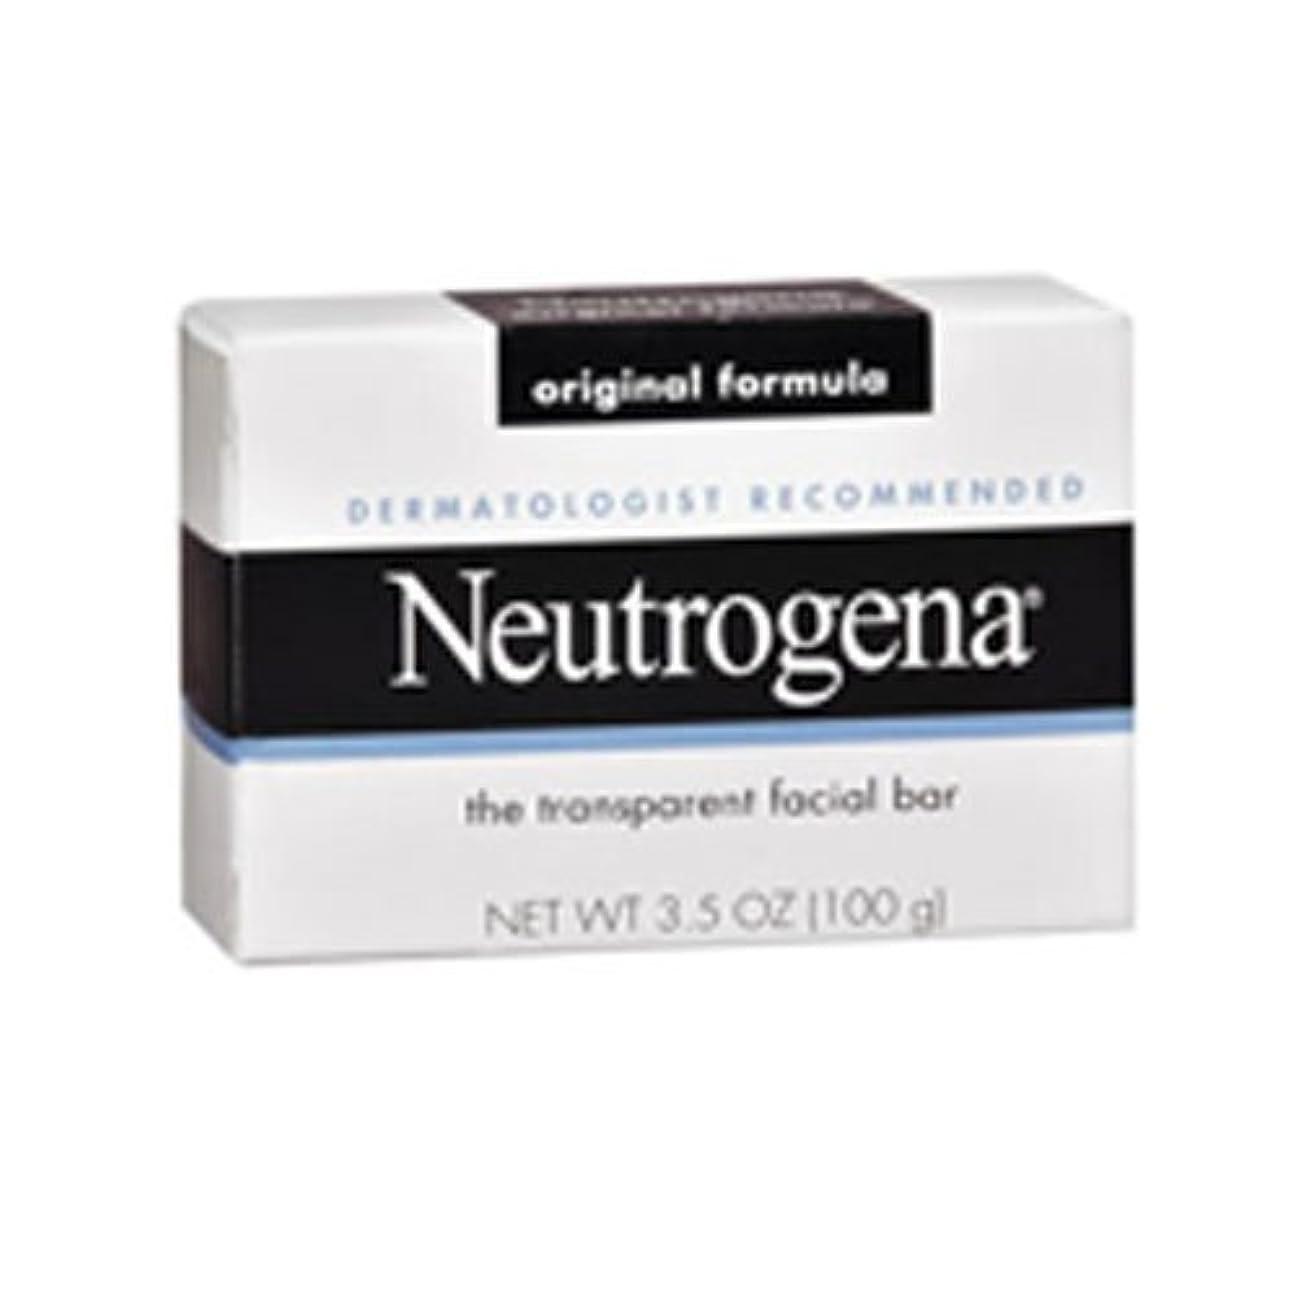 一瞬しつけ探偵海外直送肘 Neutrogena Transparent Facial Soap Bar, 3.5 oz